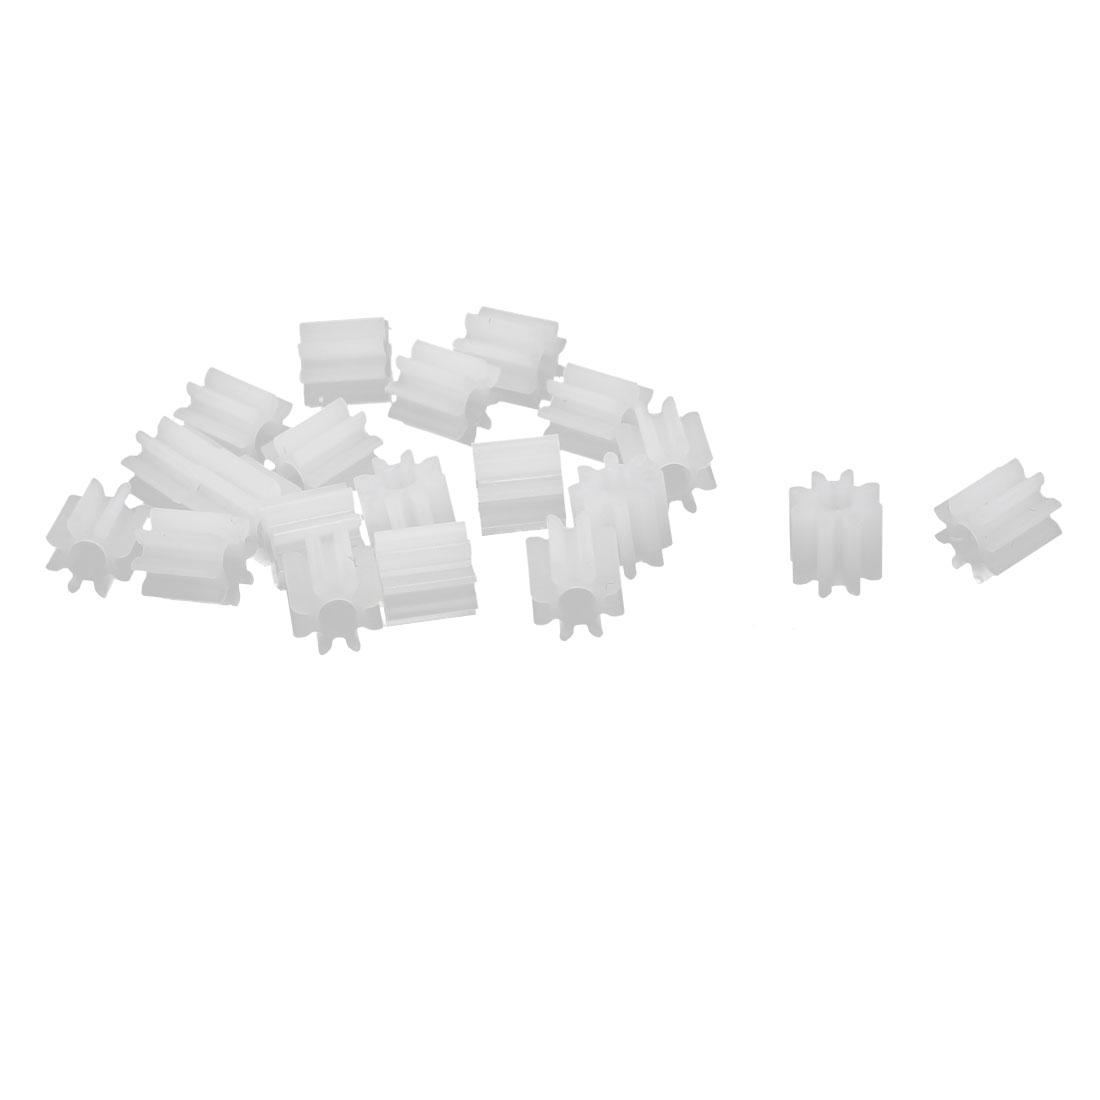 20pcs 8 Teeth 5mm Dia Plastic Gear Wheel for Toy Car Motor Shaft